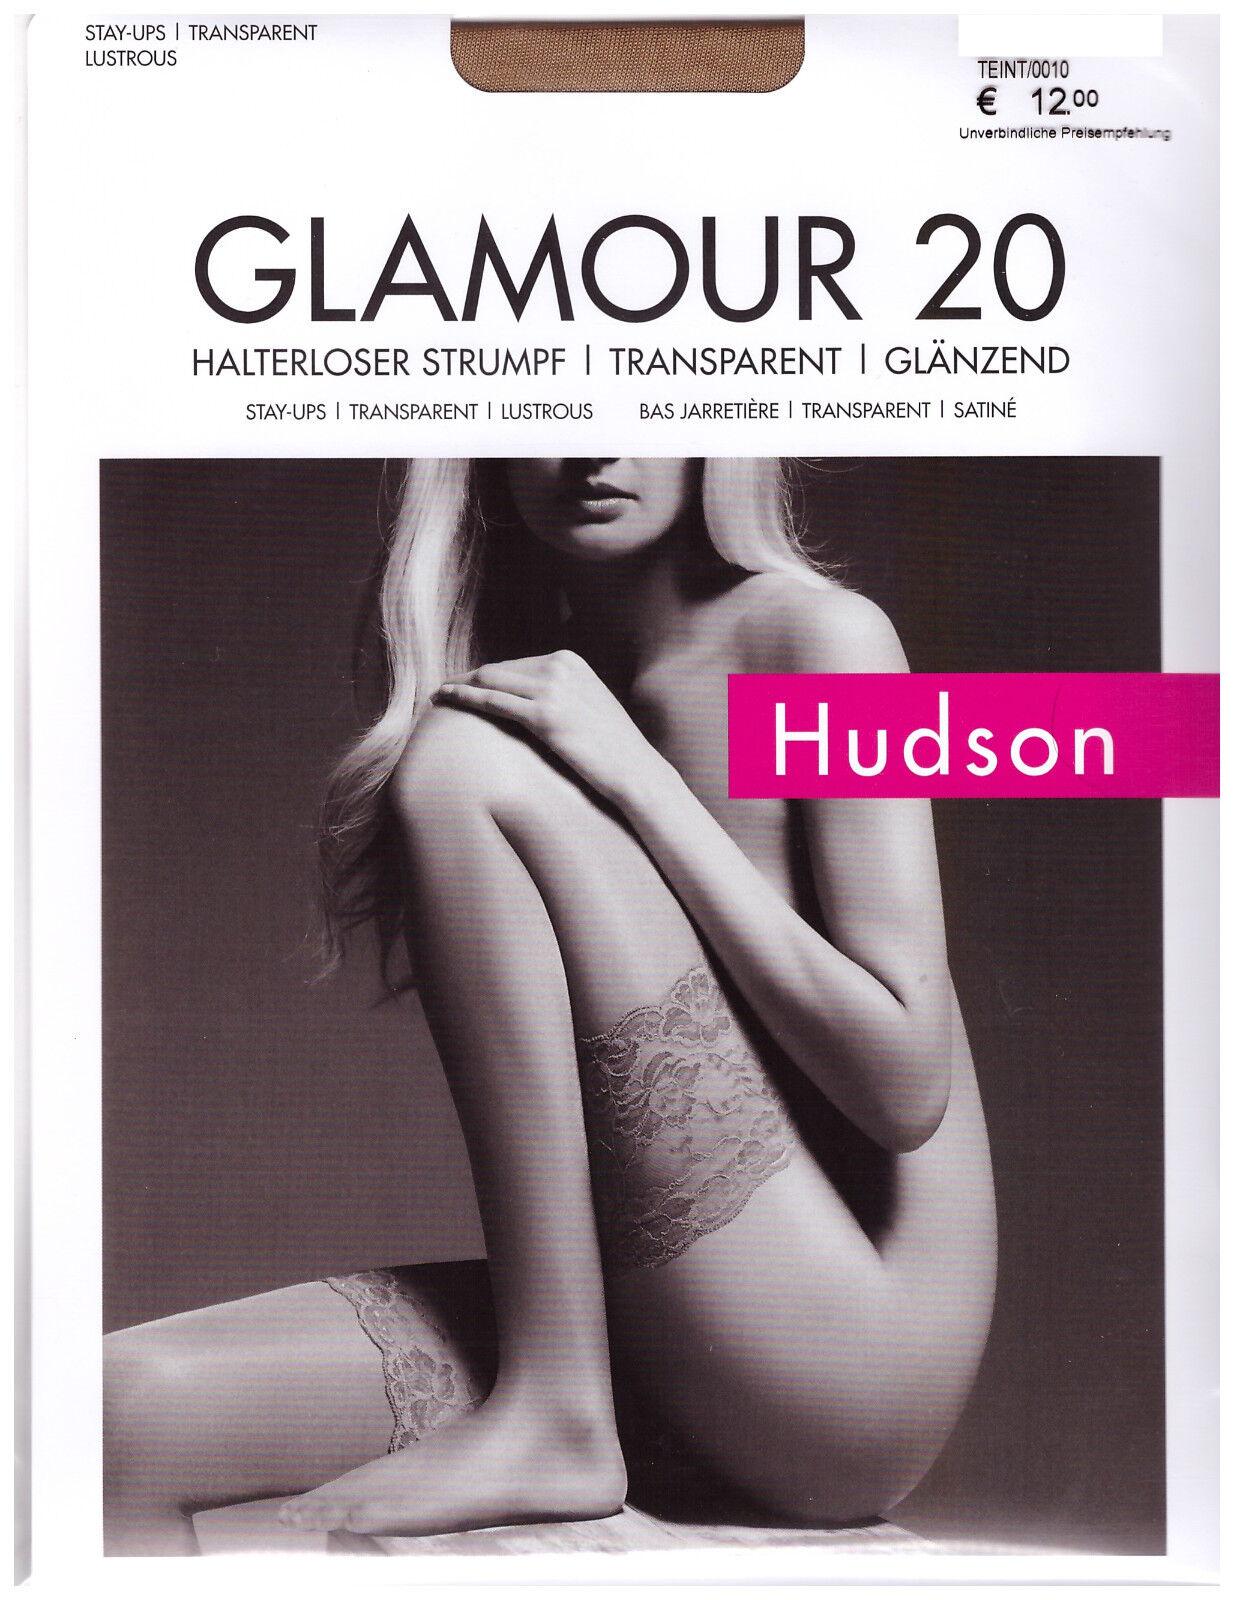 """Hudson """"Glamour 20"""" halterlose Strümpfe transparent glänzend"""